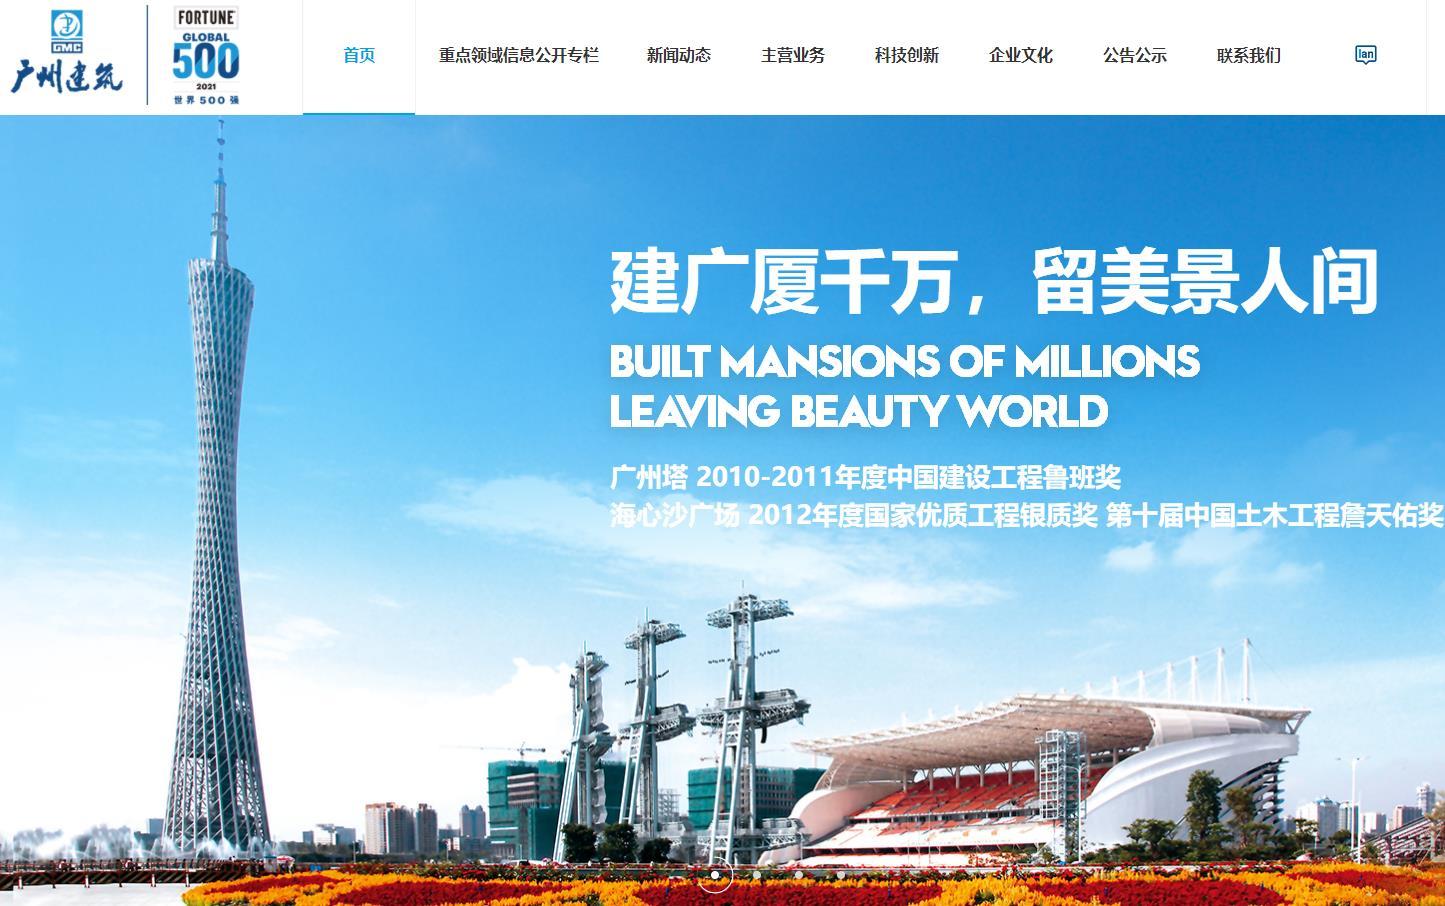 粤港澳大湾区名企:广州市建筑集团有限公司